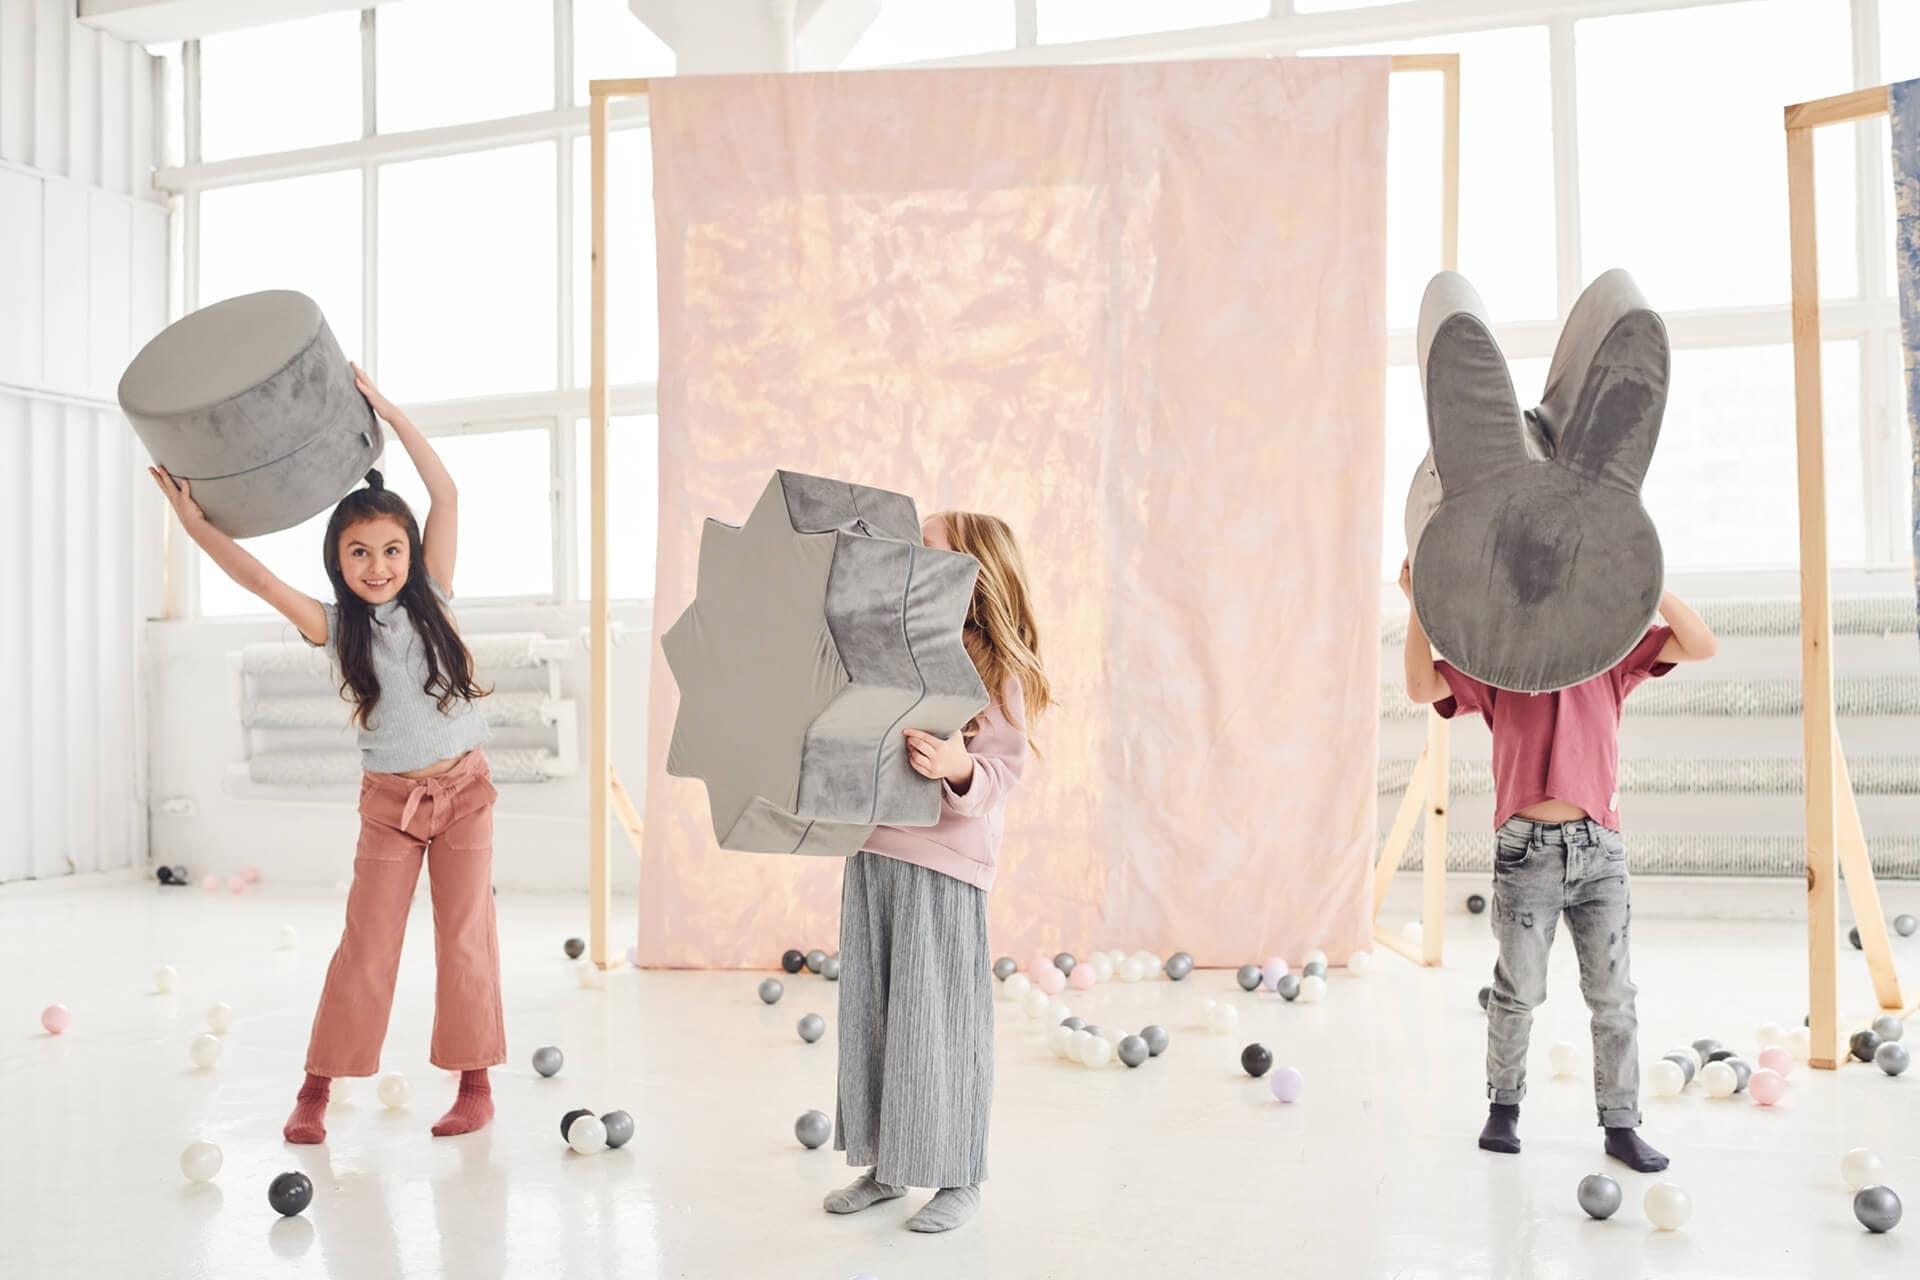 Ideen für Bewegungsspiele für Kinder